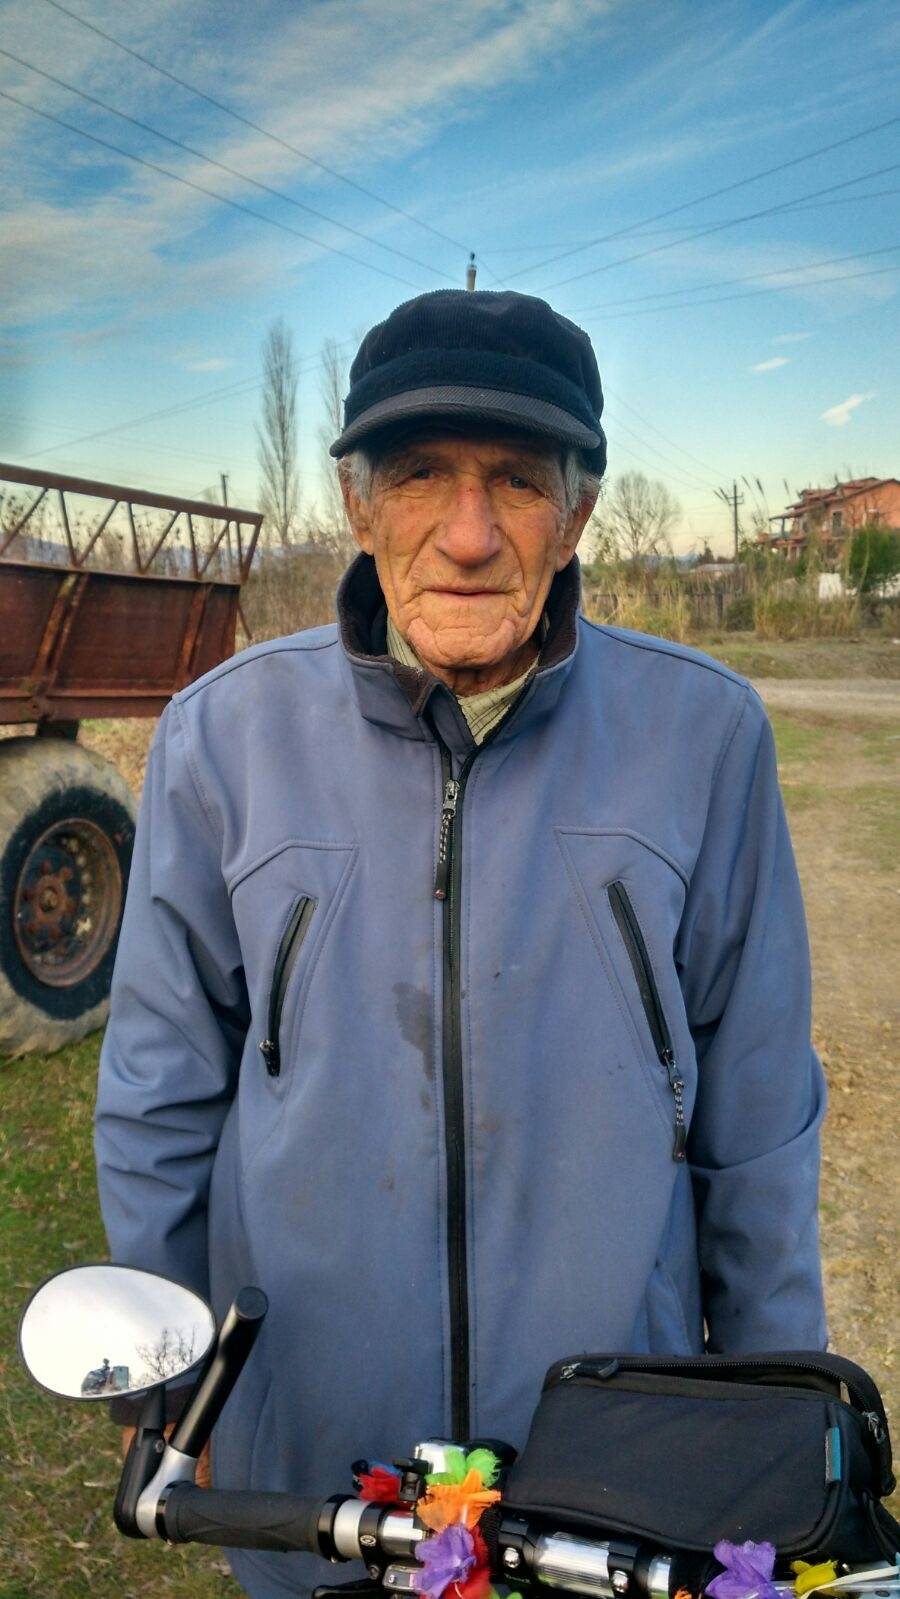 Perle en Albania Etapas 89 9408 - Perlé y su comitiva en Albania. Etapas 89, 90, 91, 92, 93 y 94